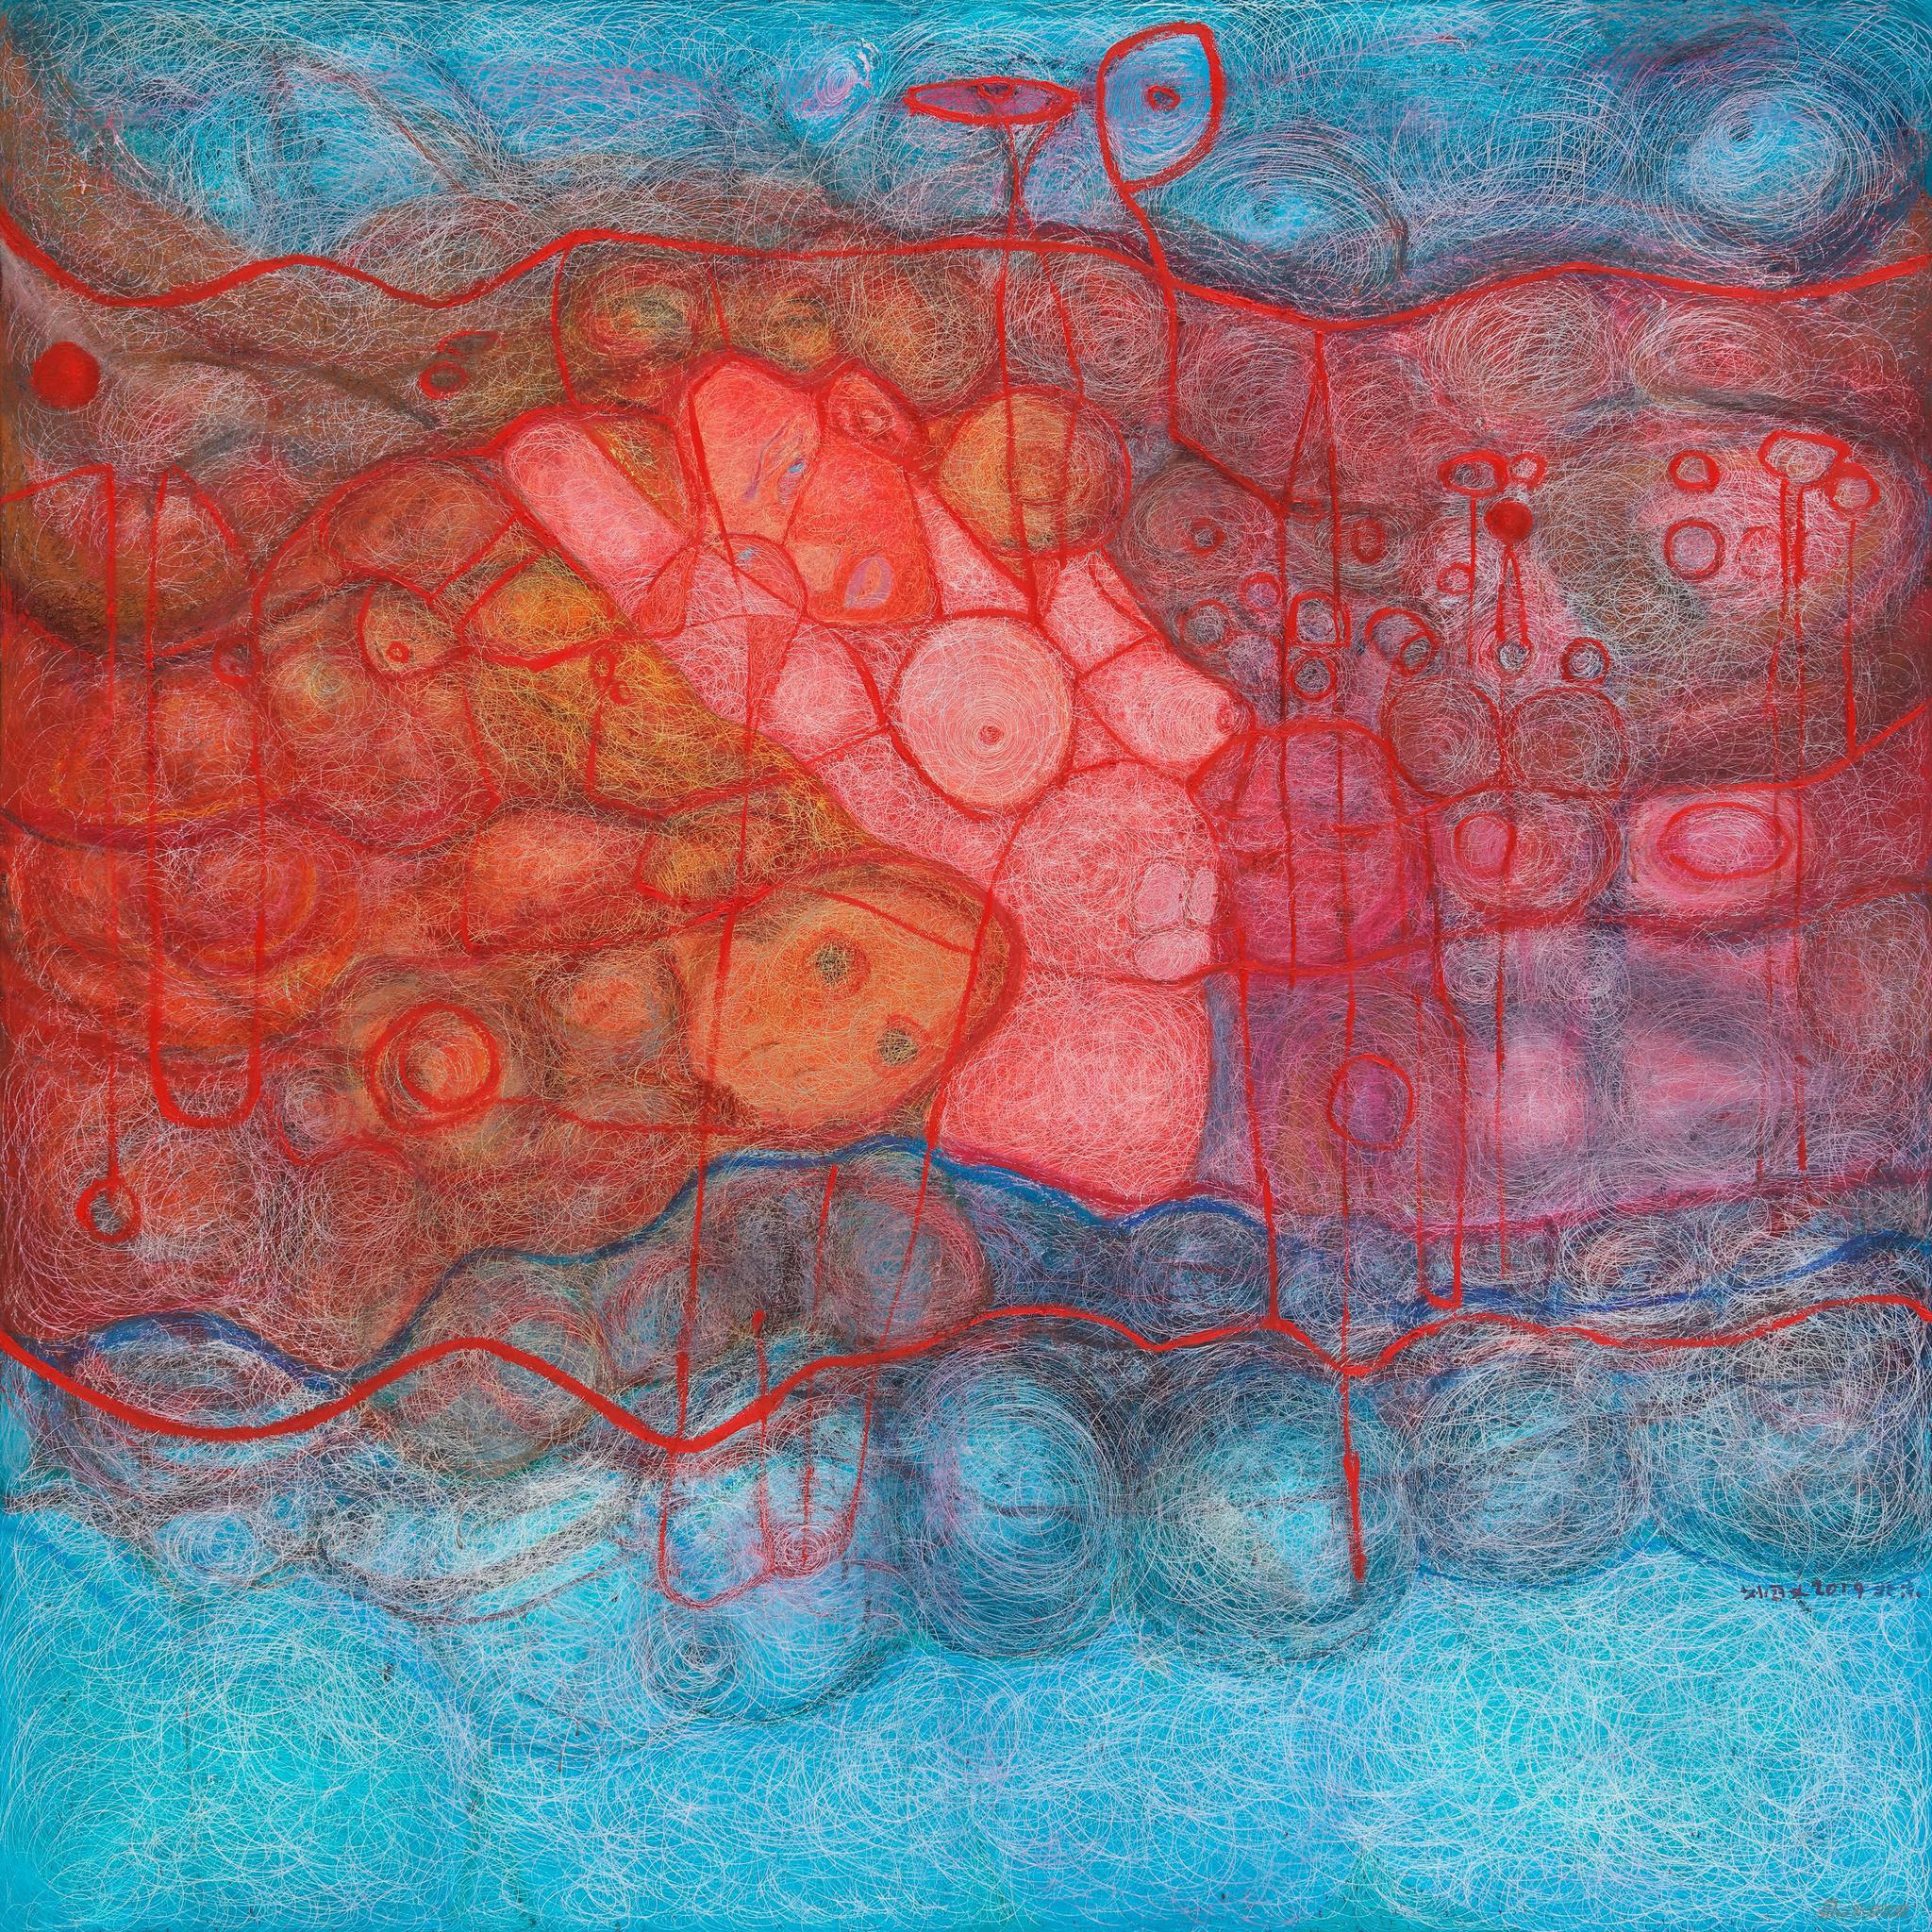 刘国义作品,《反叛》布面油画,150X150cm,2019